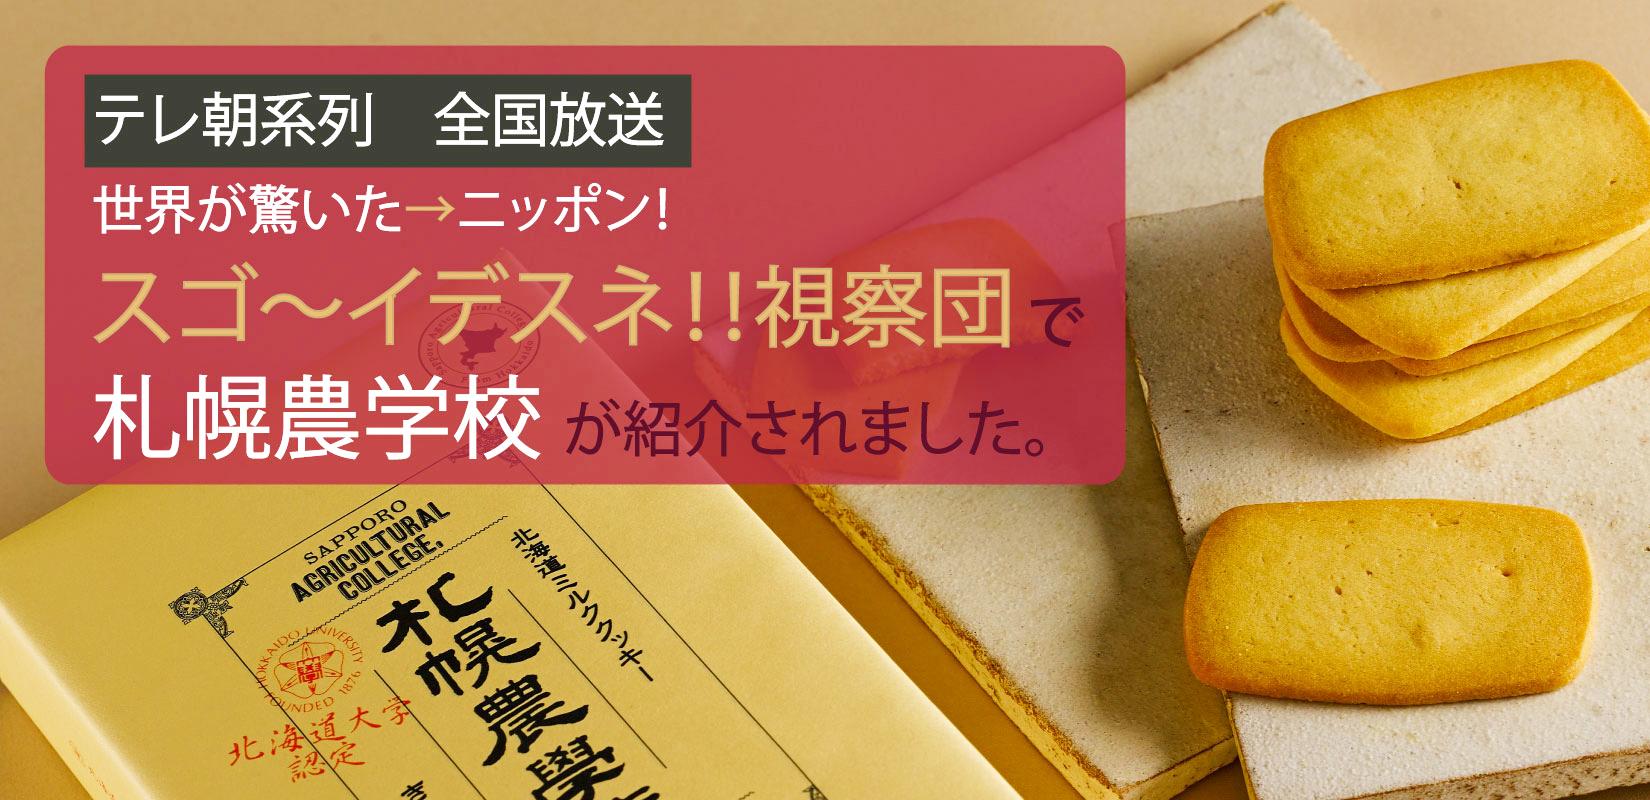 【TVで紹介されました】札幌農学校